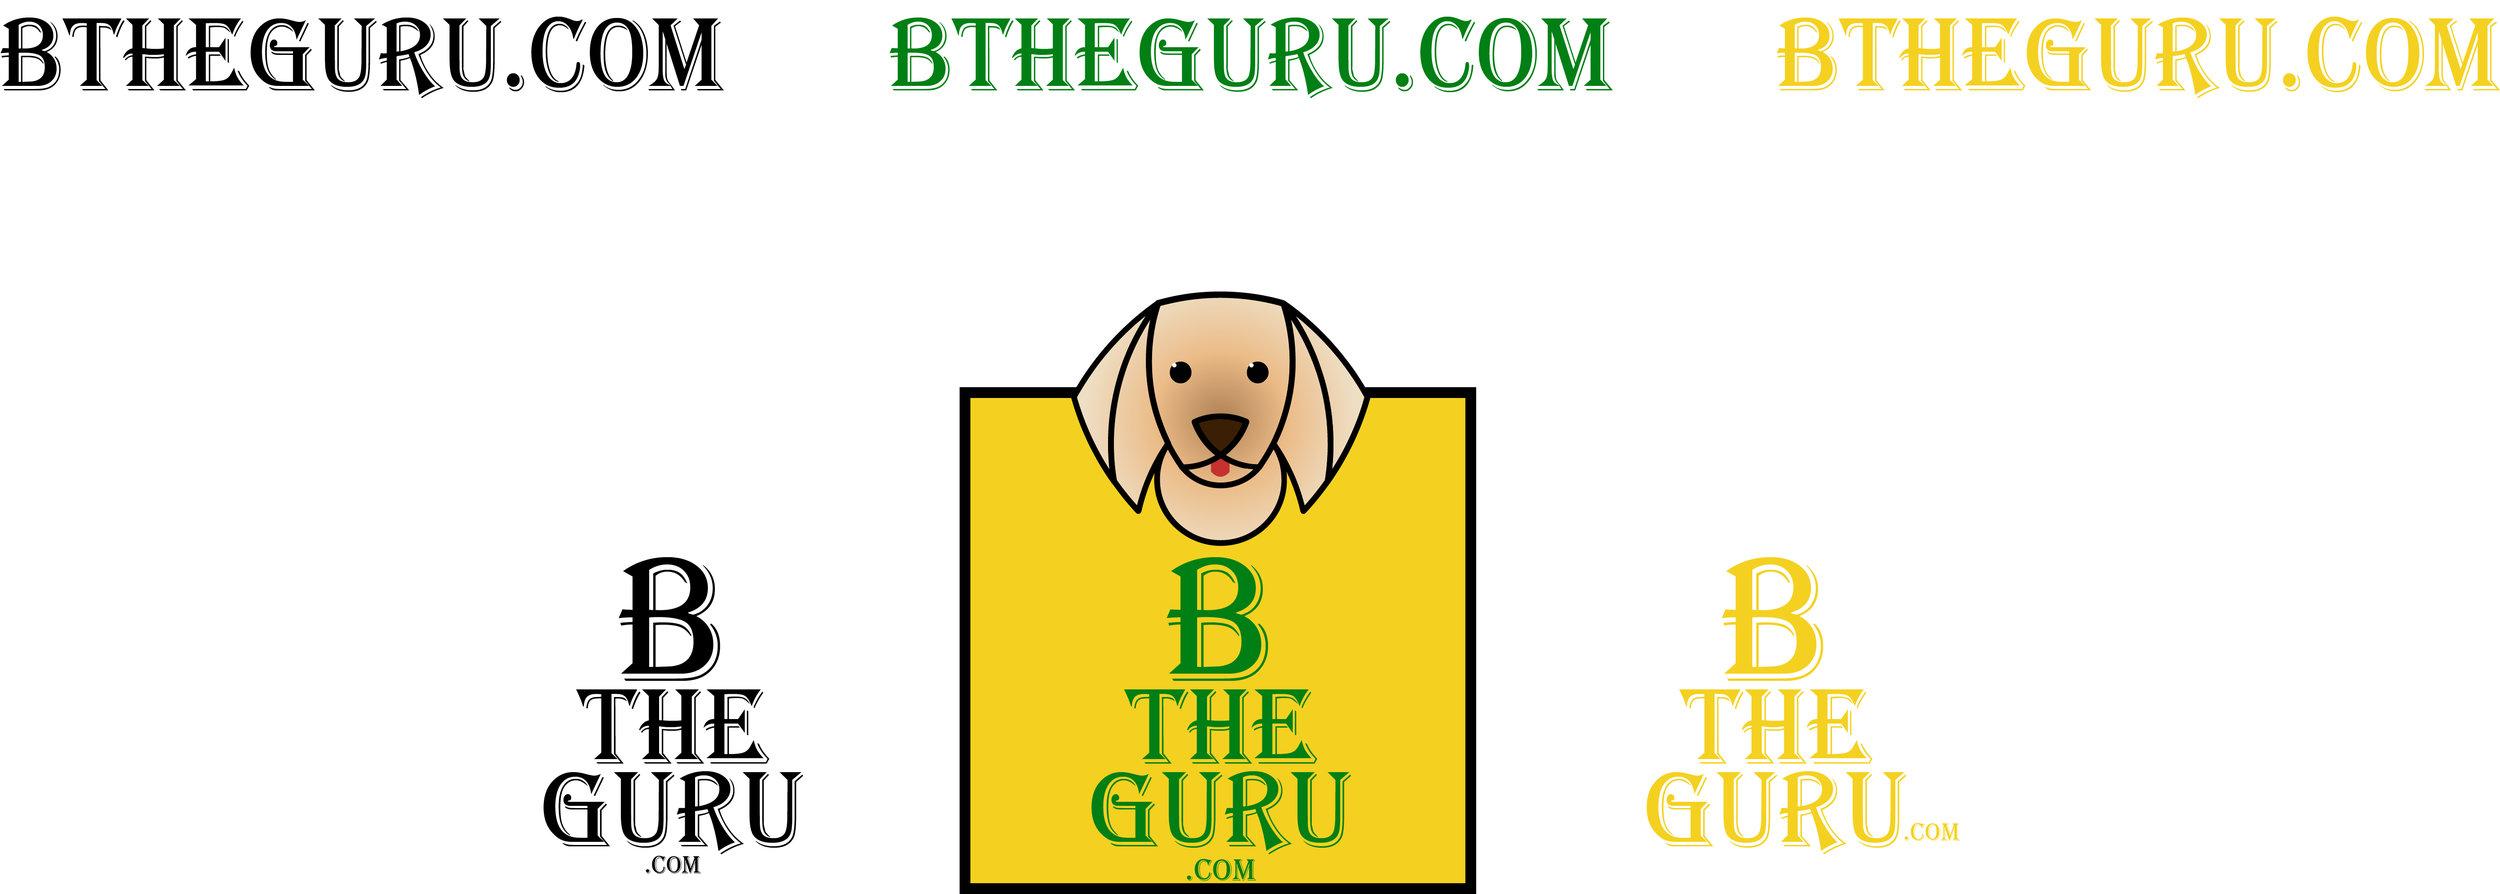 Berkley the Guru